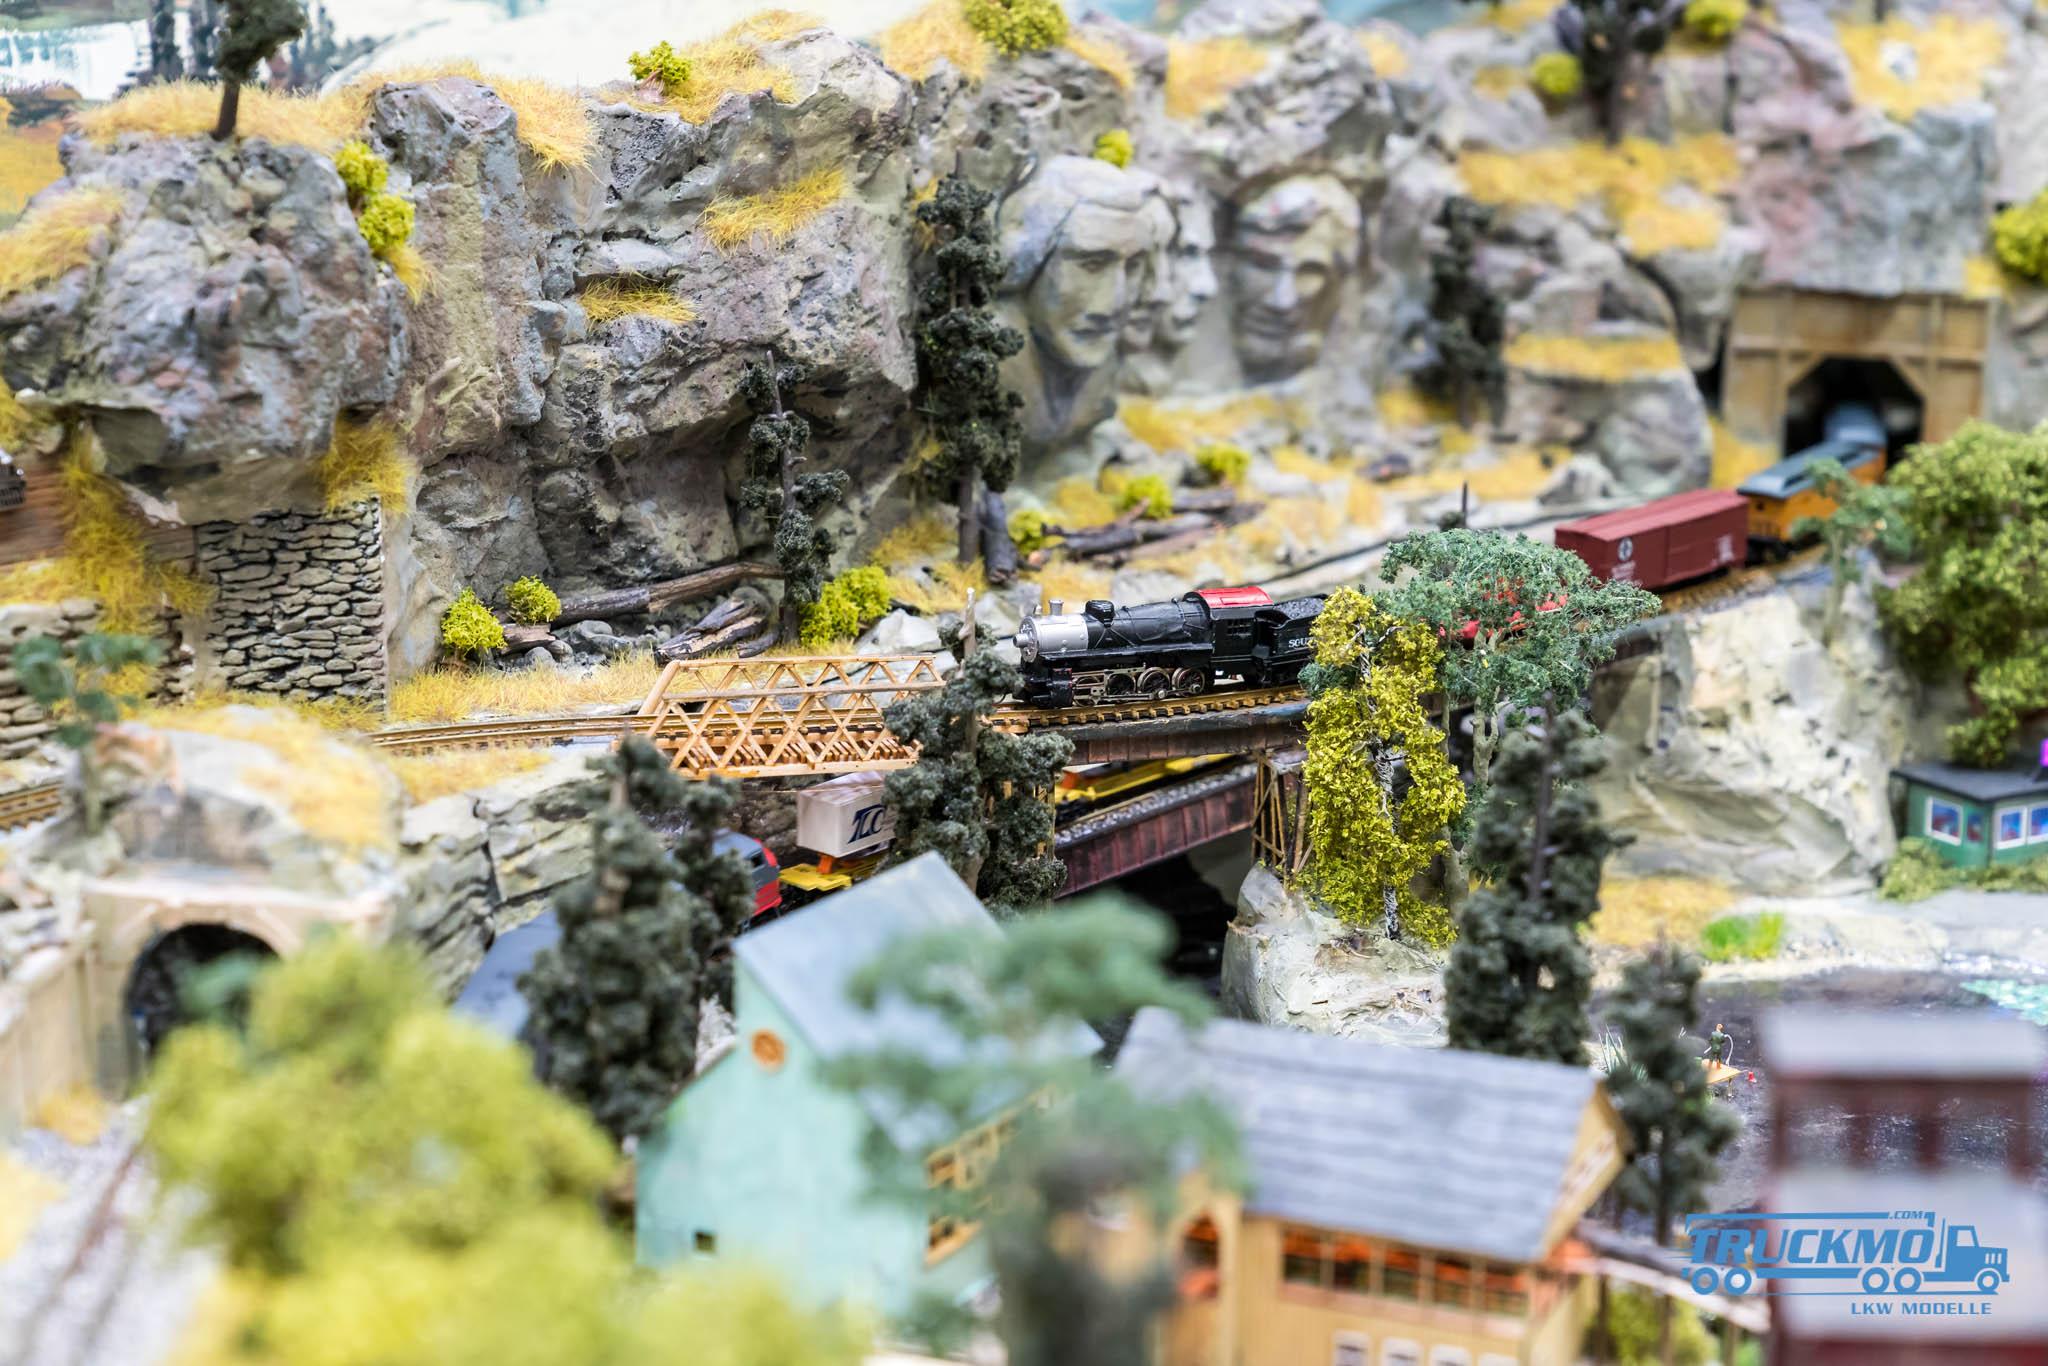 Truckmo_Modellbau_Ried_2017_Herpa_Messe_Modellbauausstellung (106 von 1177)